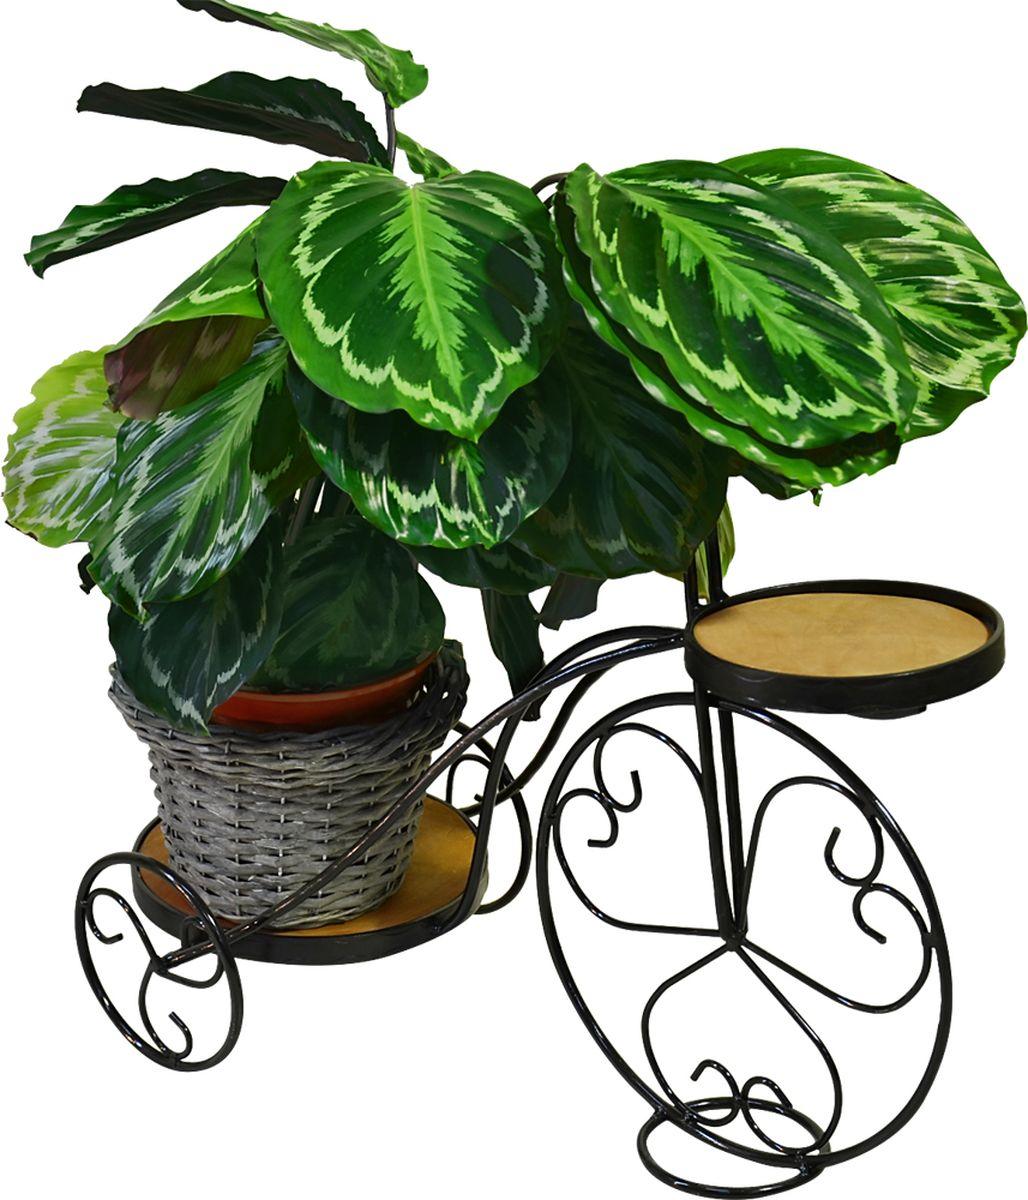 Подставка для цветов Фабрика ковки, на 2 цветка, цвет: черный, коричневый. 59-44214-083-ВОригинальная подставка предназначена для размещения двух цветков. Карскас изготовлен из металла, на котором располагаются подставки из дерева. Роль ножек исполняют изогнутые прутки, которые сплетаются в форму, повторяющую форму велосипеда, обеспечивая устойчивое расположение цветков. Подставка станет прекрасным дизайнерским решением для украшения дома.